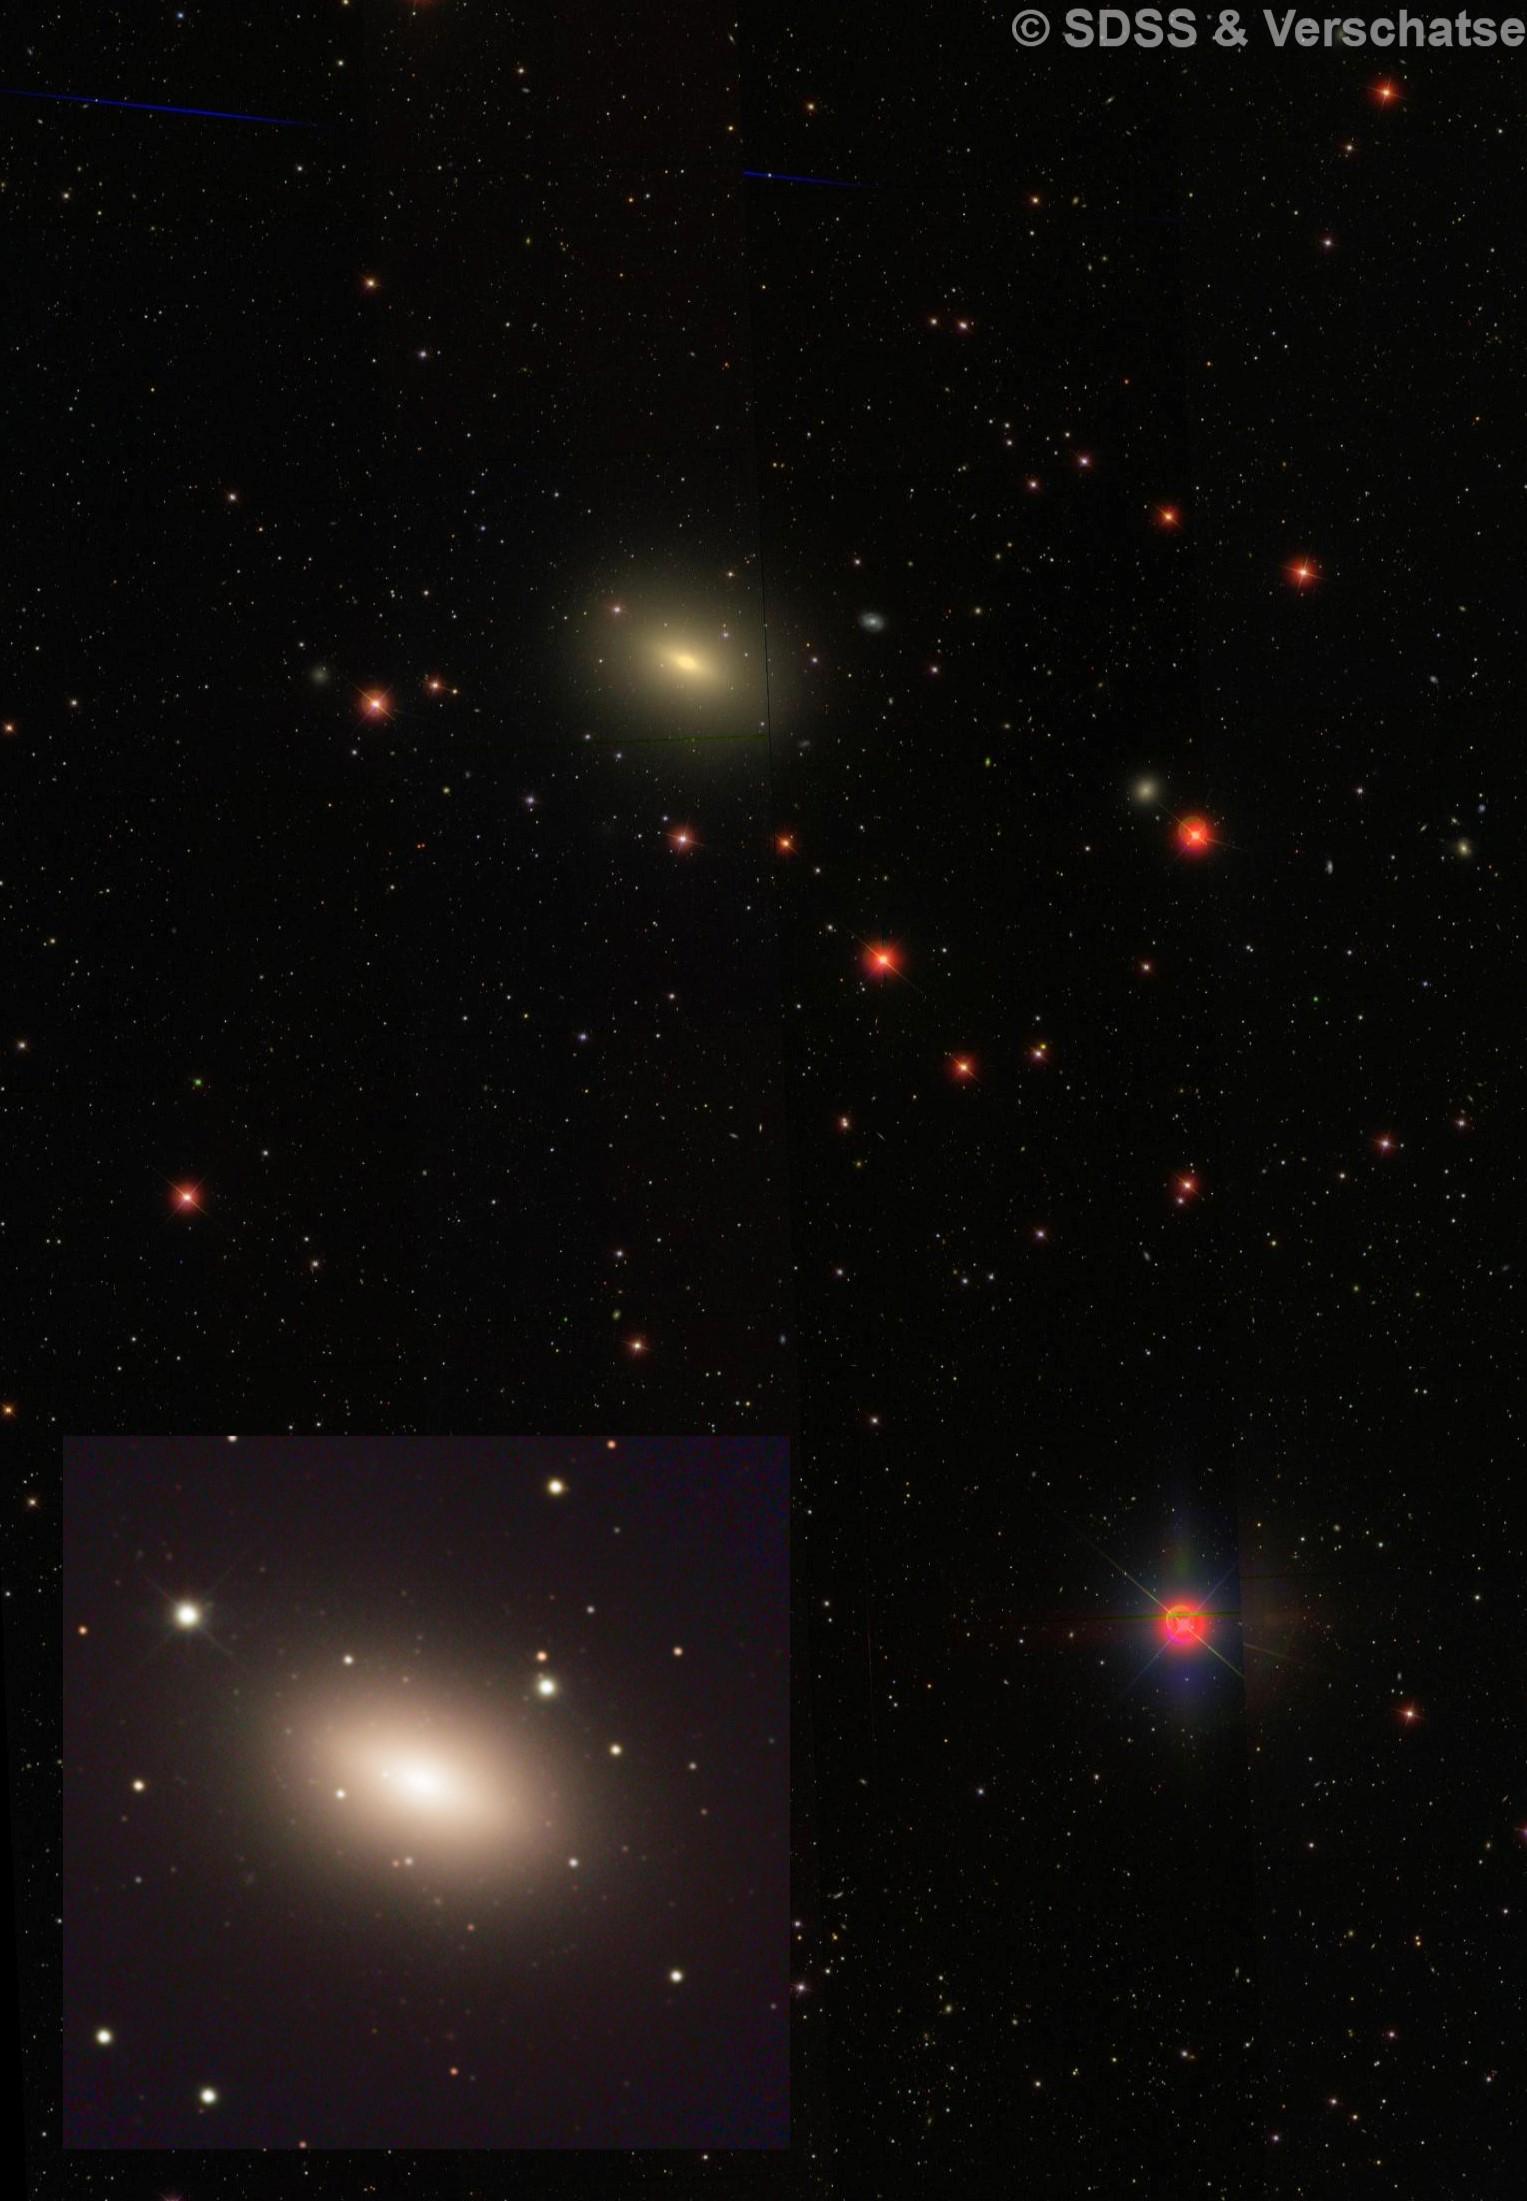 NGC 4697